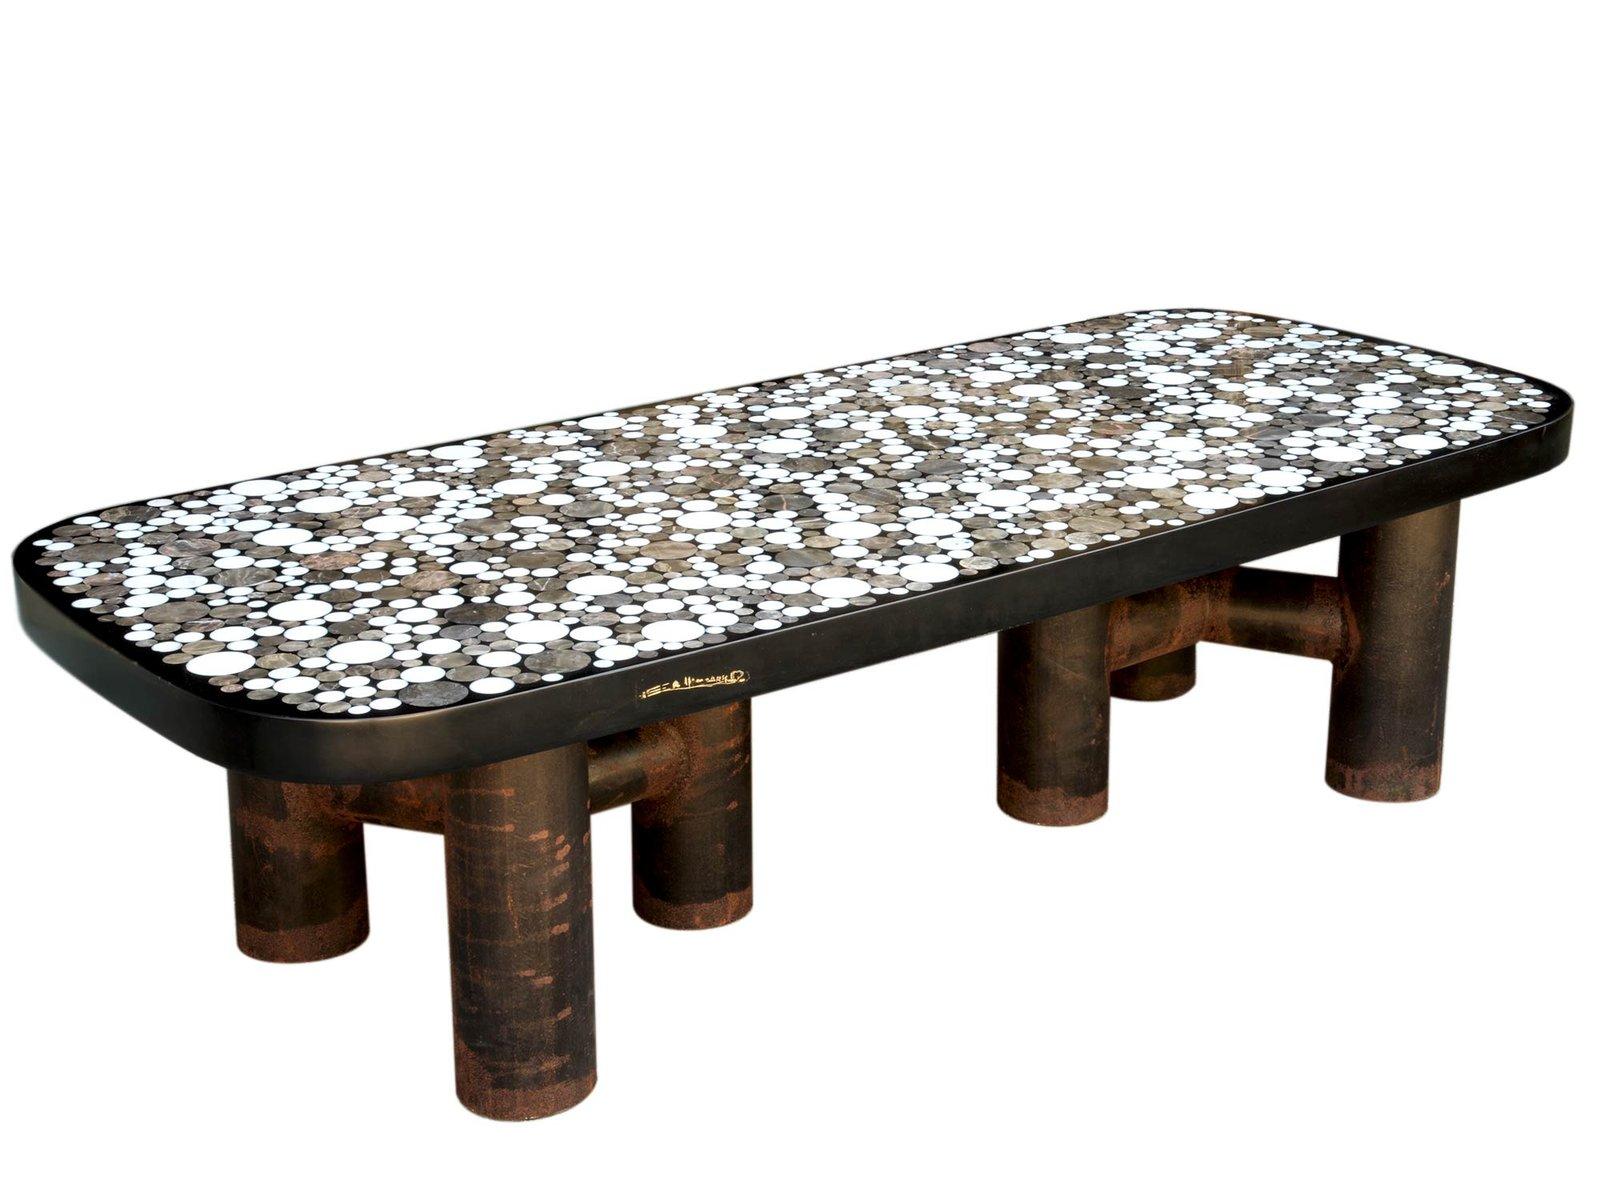 couchtisch mit marmor intarsie von etienne allemeersch. Black Bedroom Furniture Sets. Home Design Ideas